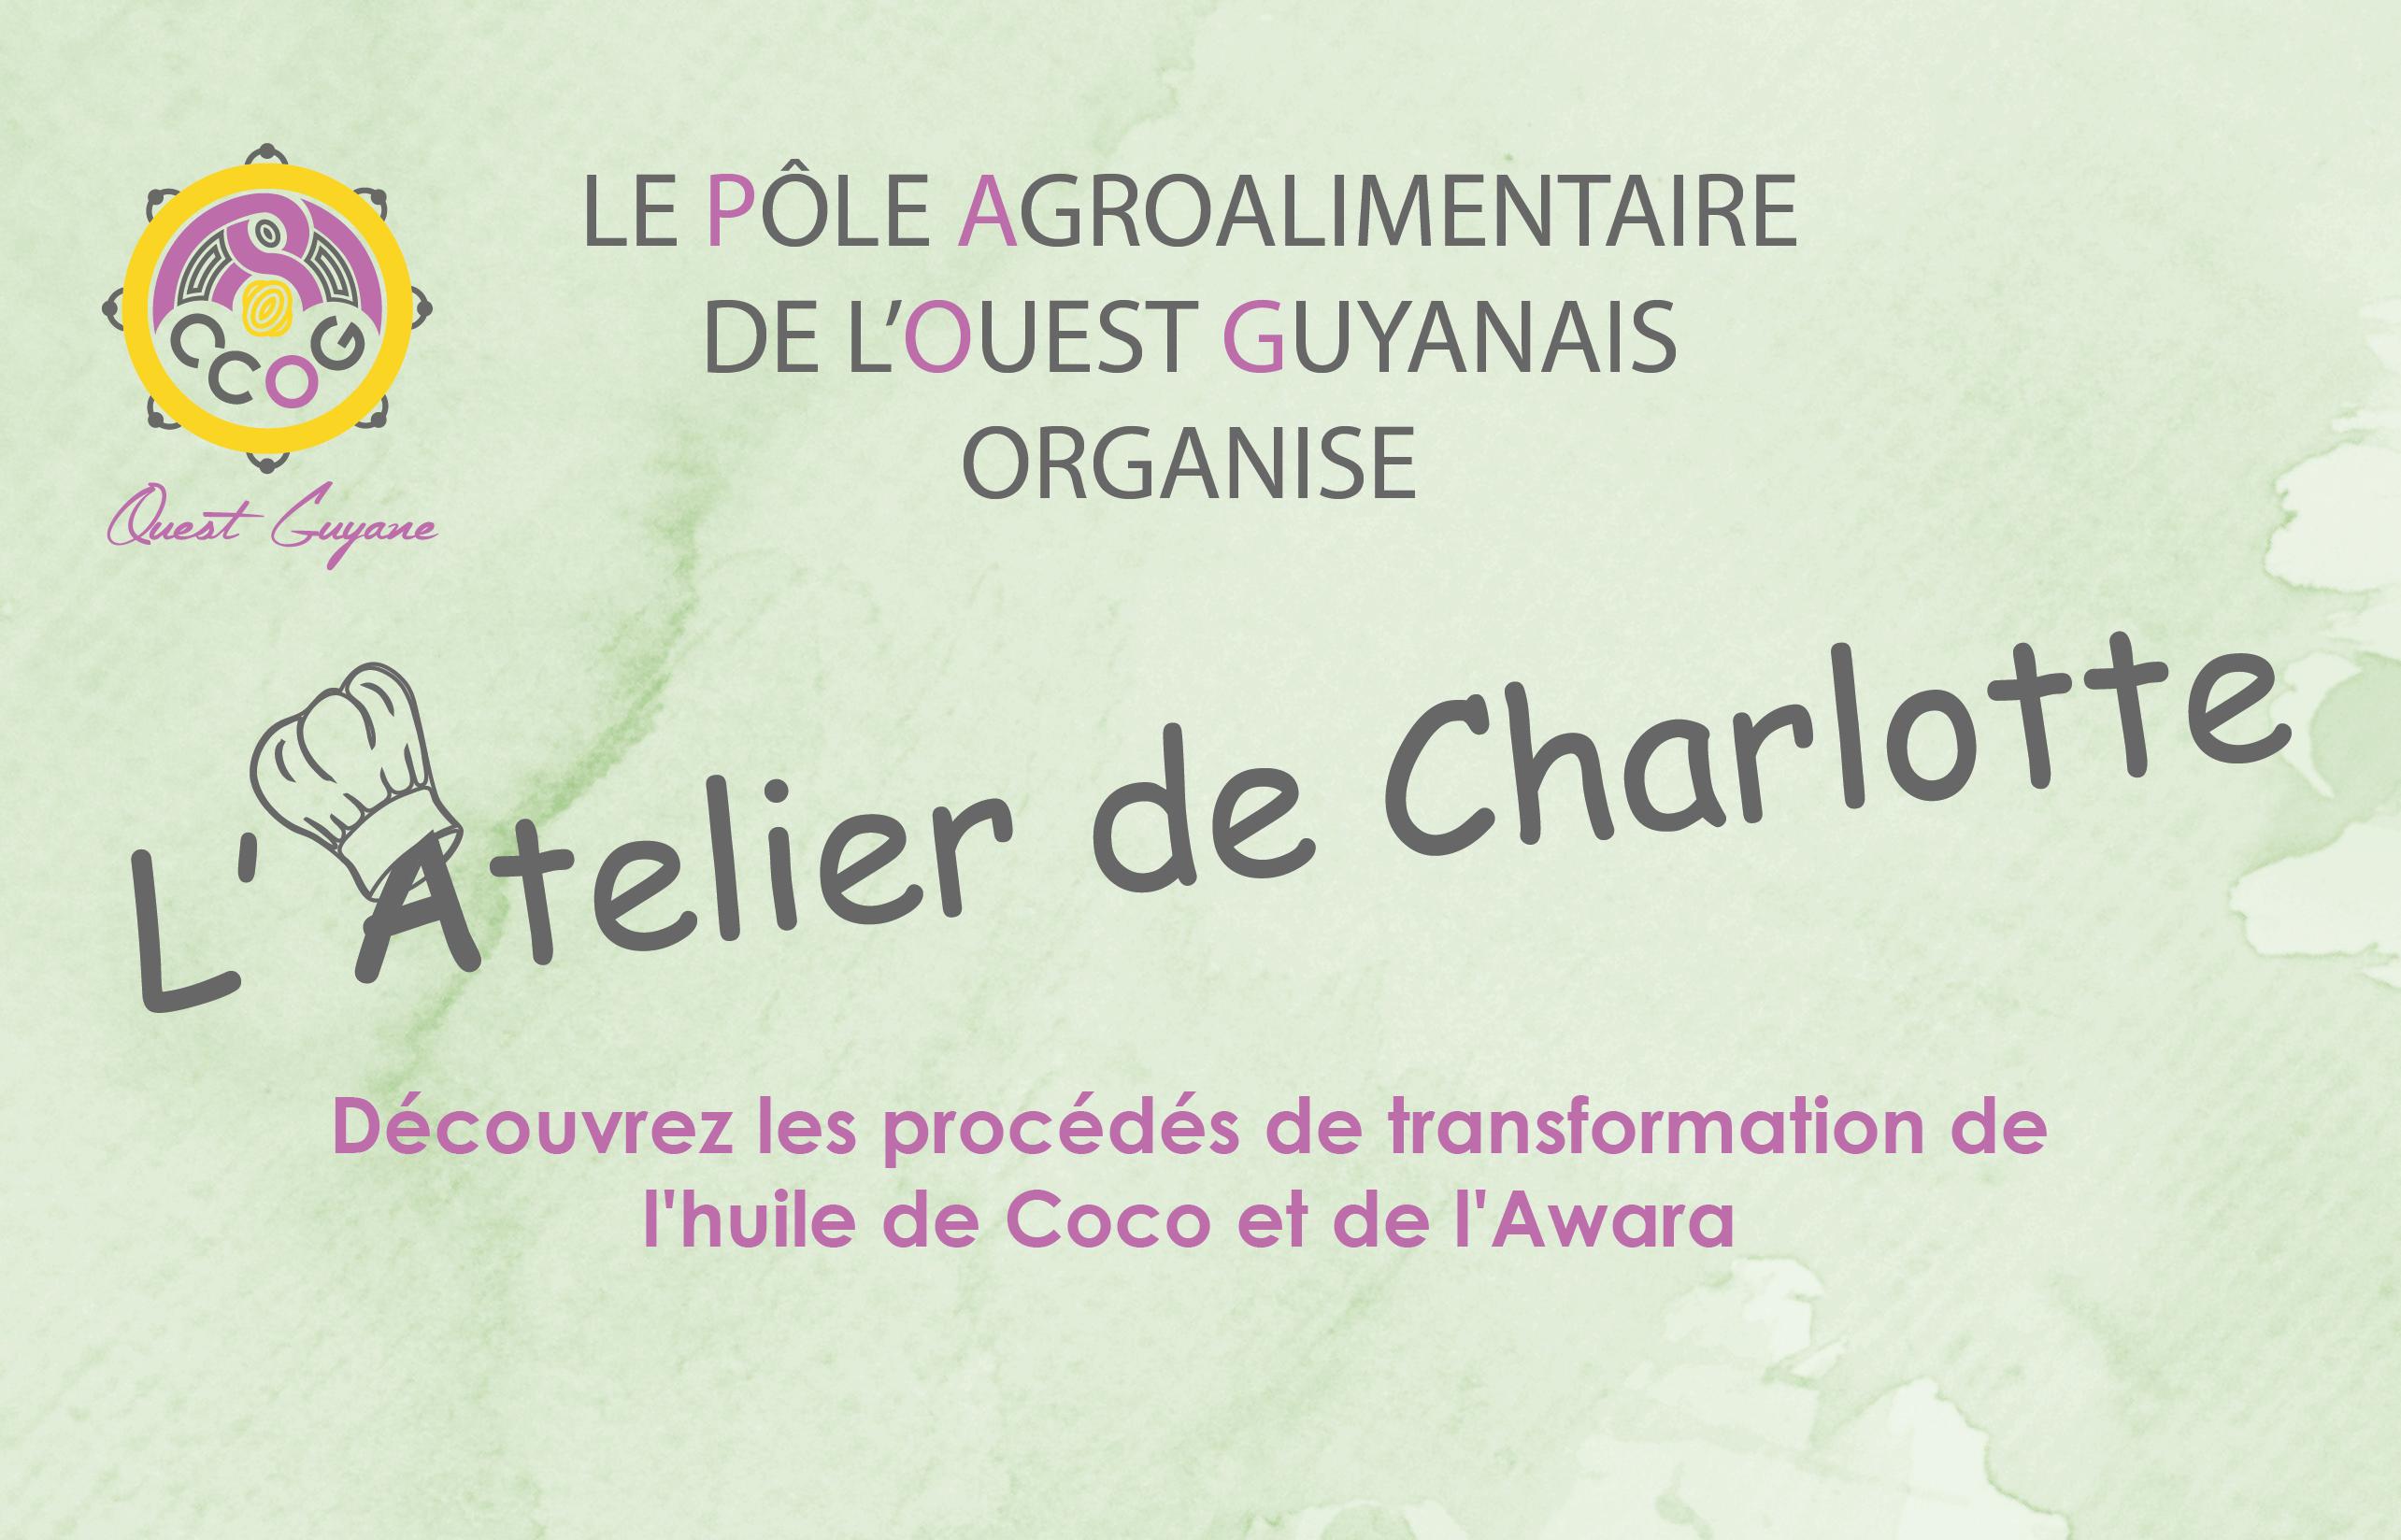 Le Pôle Agroalimentaire de l'Ouest Guyanais organise l'Atelier de Charlotte, samedi 18 septembre 2021